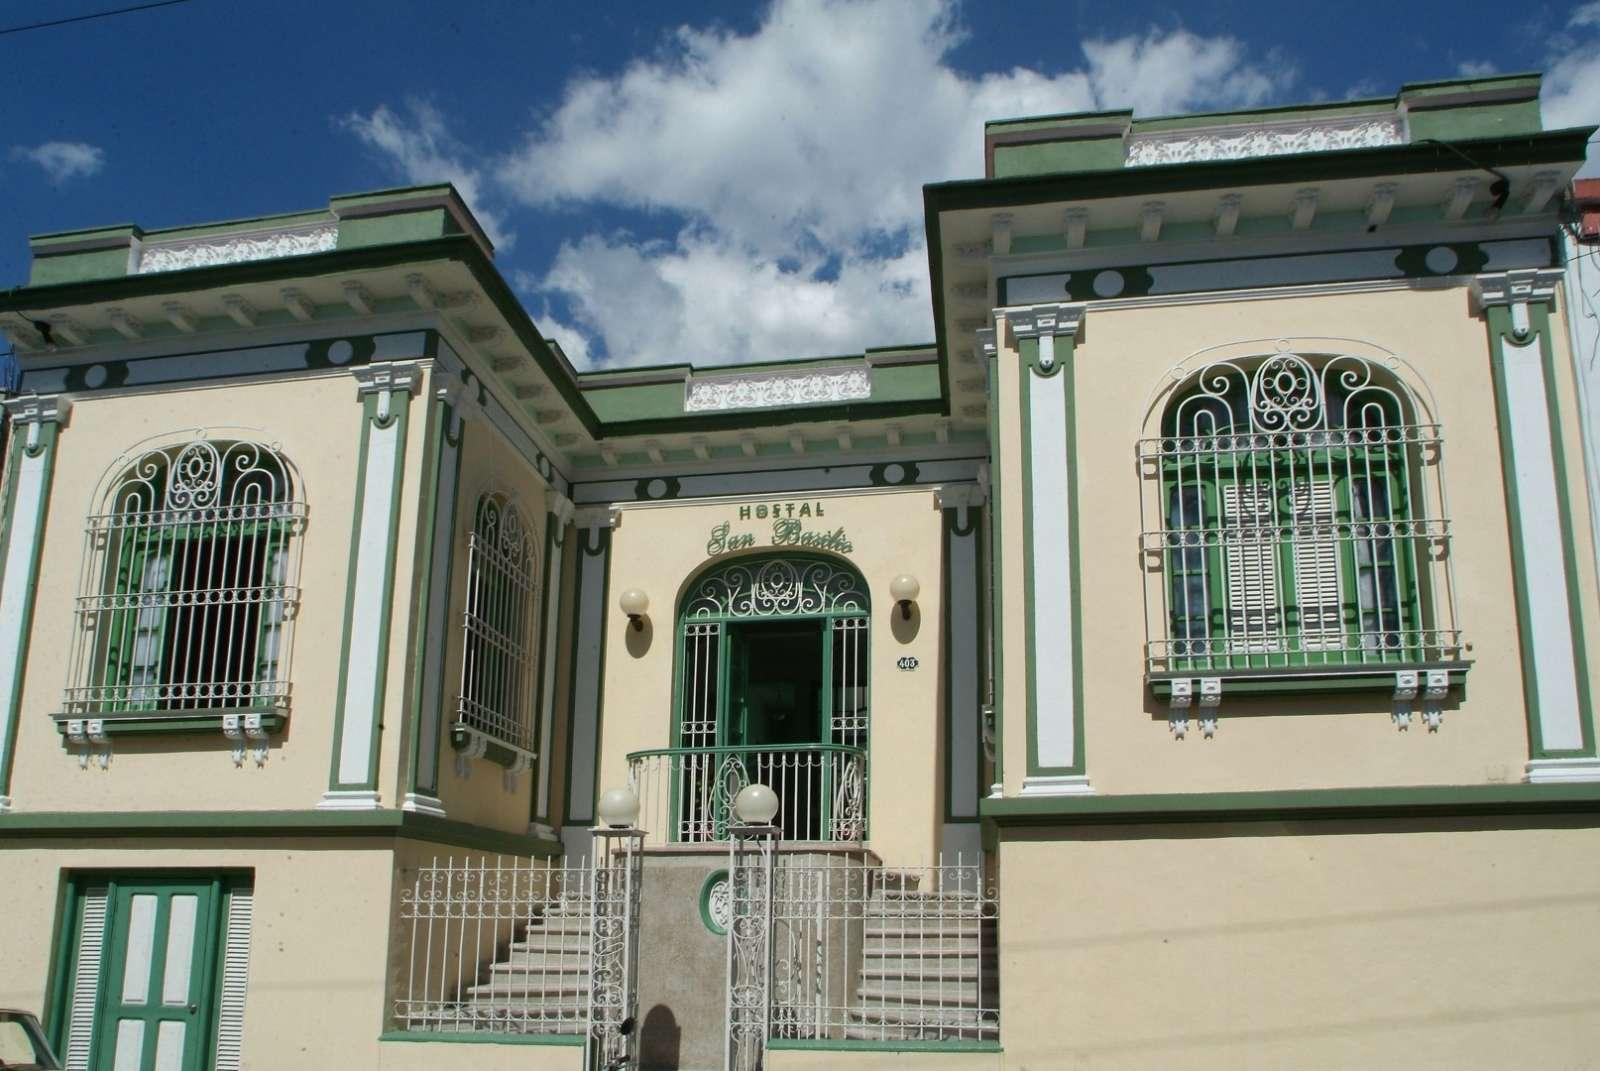 Hotel San Basilio Santiago de Cuba